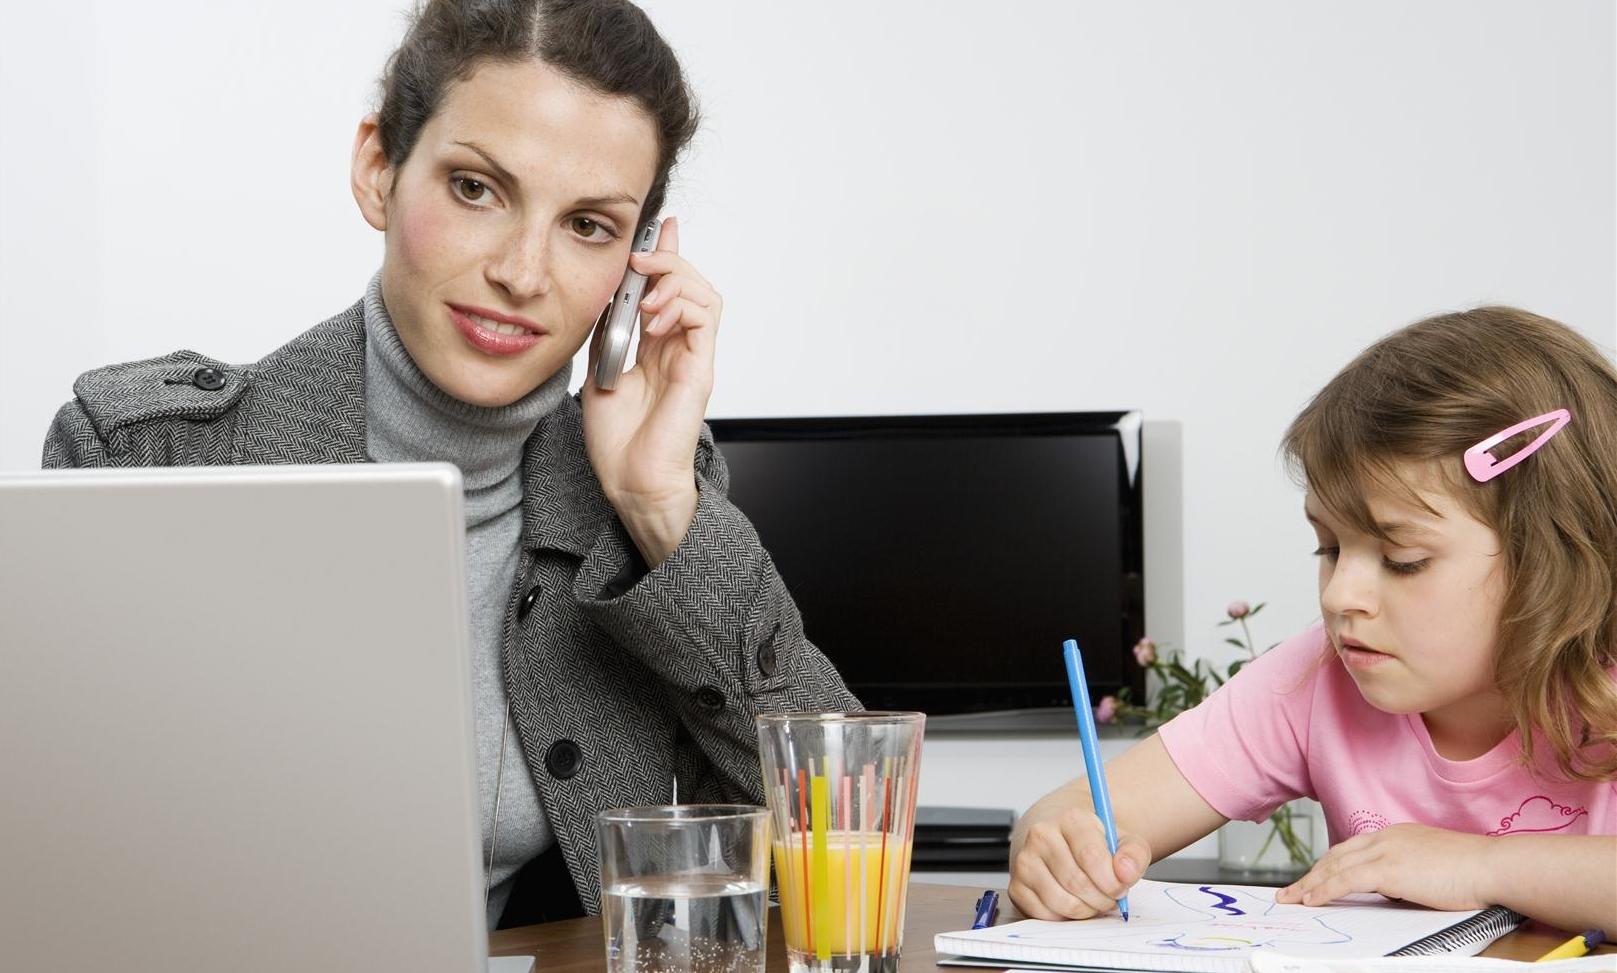 Le mamme lavoratrici sognano il telelavoro tgcom24 - Lavoro da casa salerno ...